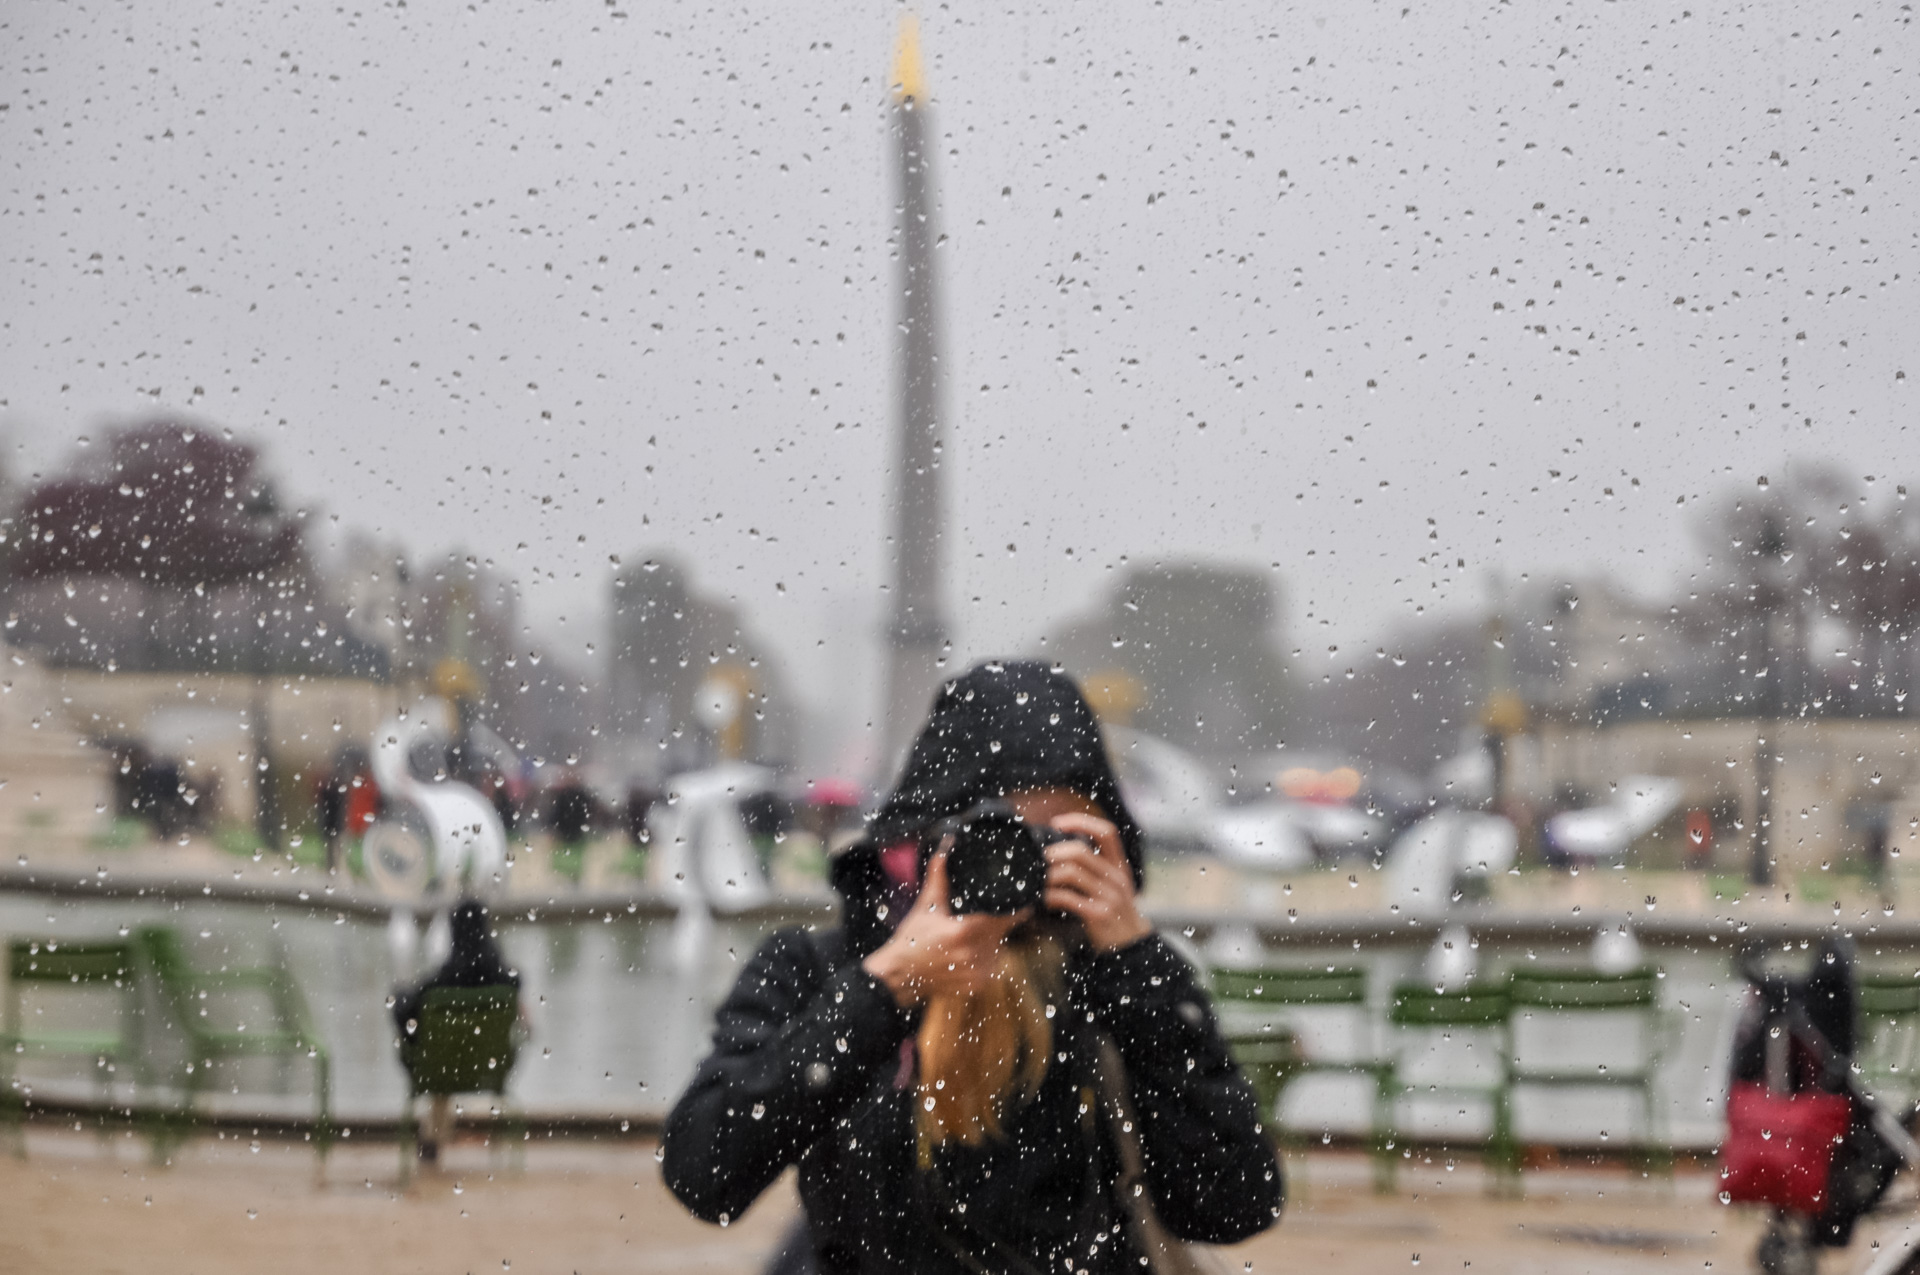 Fotografieren bei schlechtem Wetter Tipps